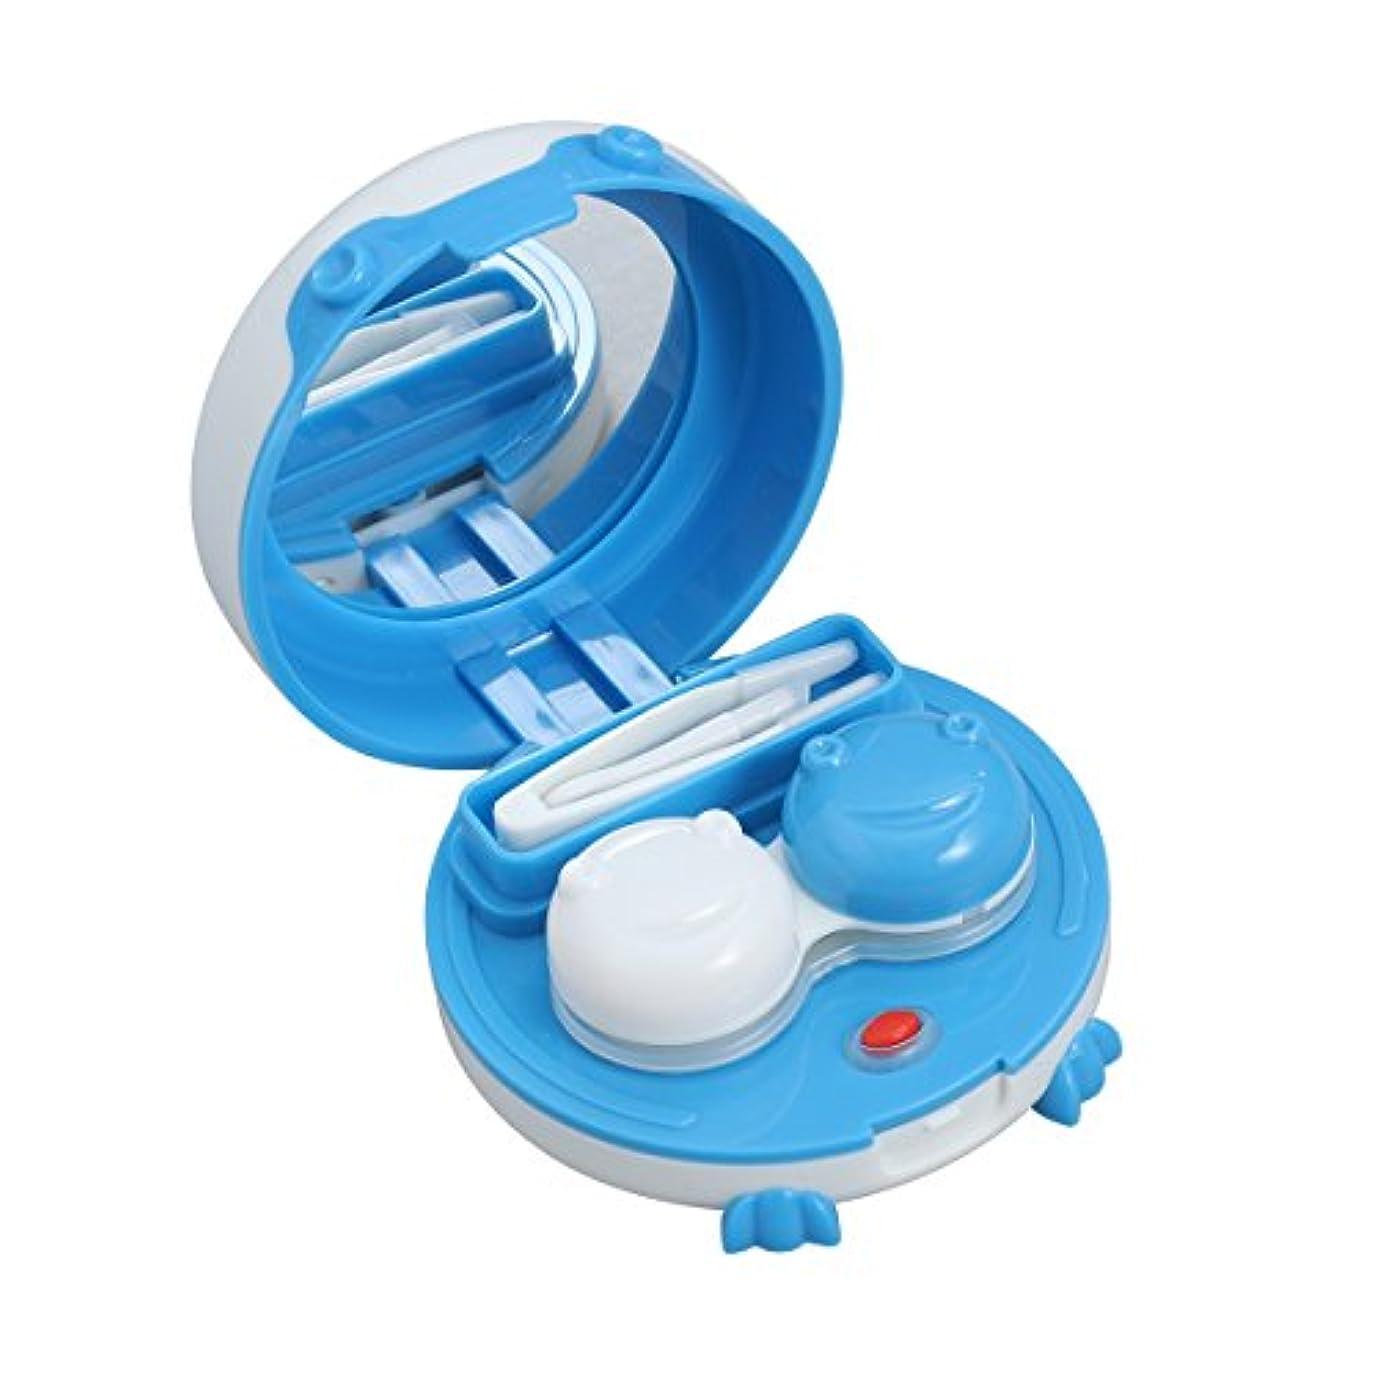 バイアス検索エンジン最適化別々に家庭用およびトラベル用ミラーピンセットアプリケータおよびソリューションボトルレンズ収納ボックスコンテナ付きコンタクトレンズトラベルケースホルダー